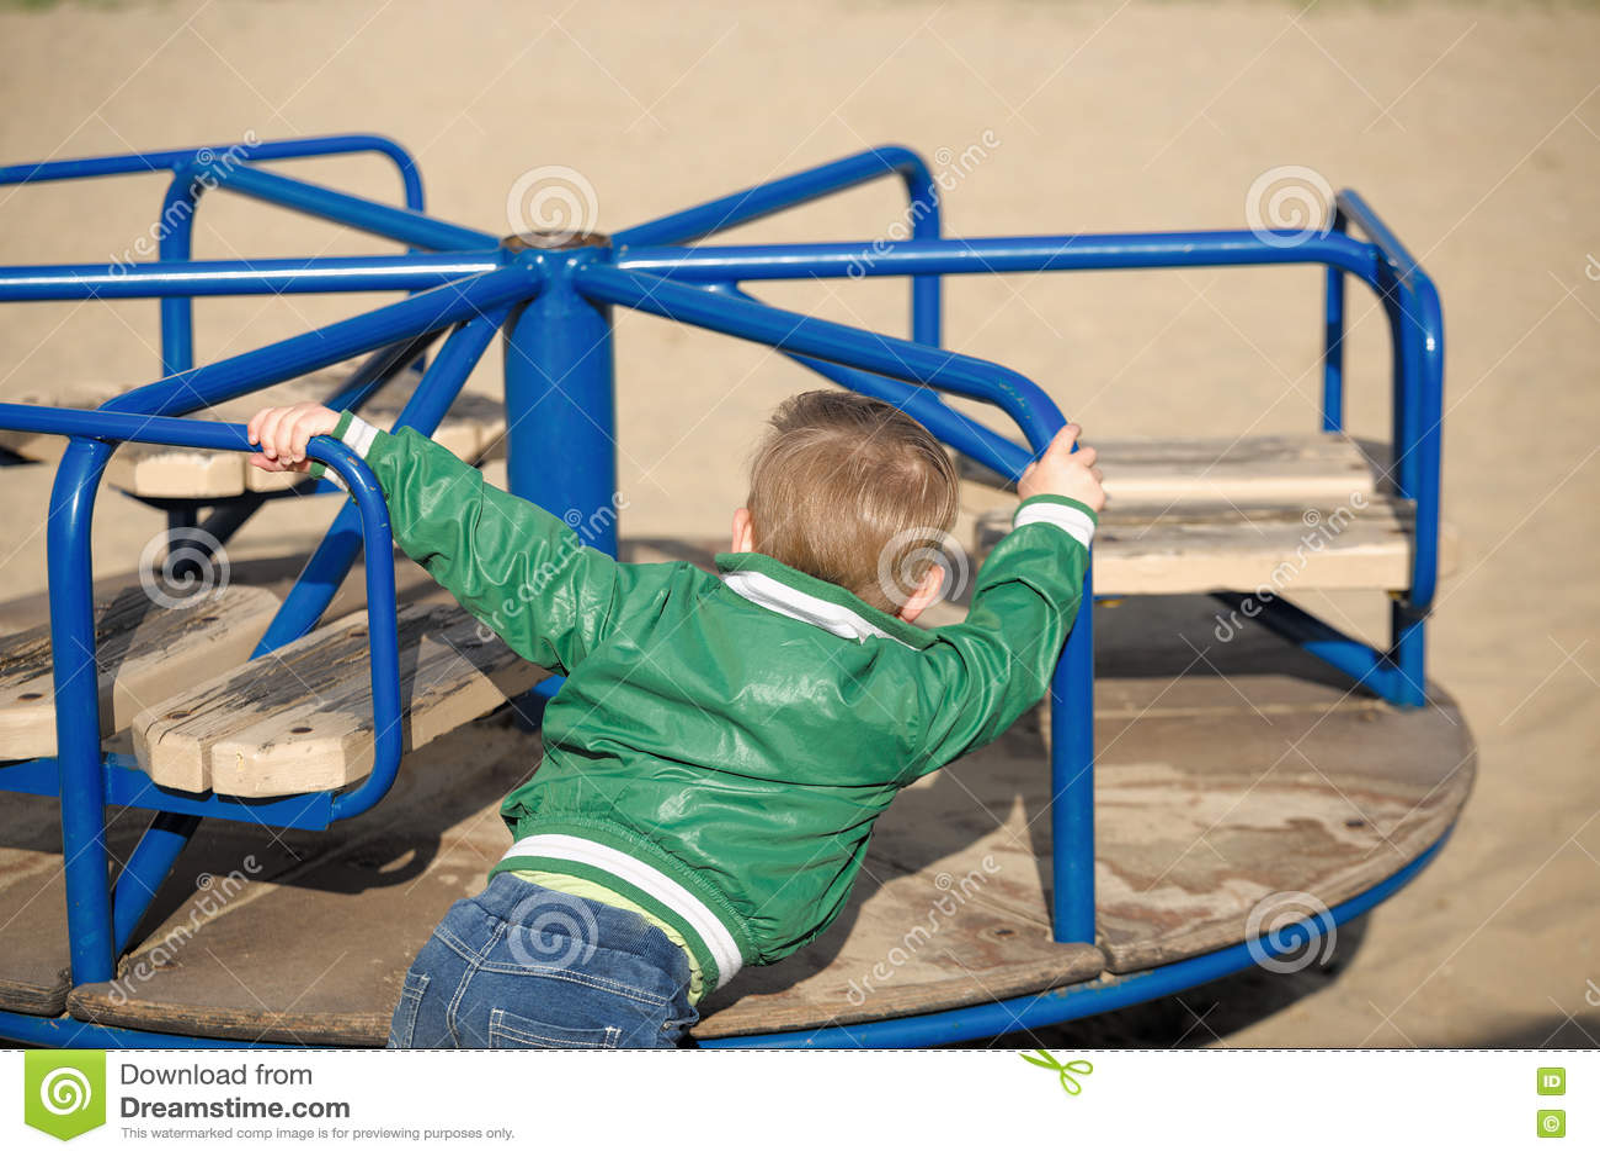 спортивная площадка игры детей предыдущая весна